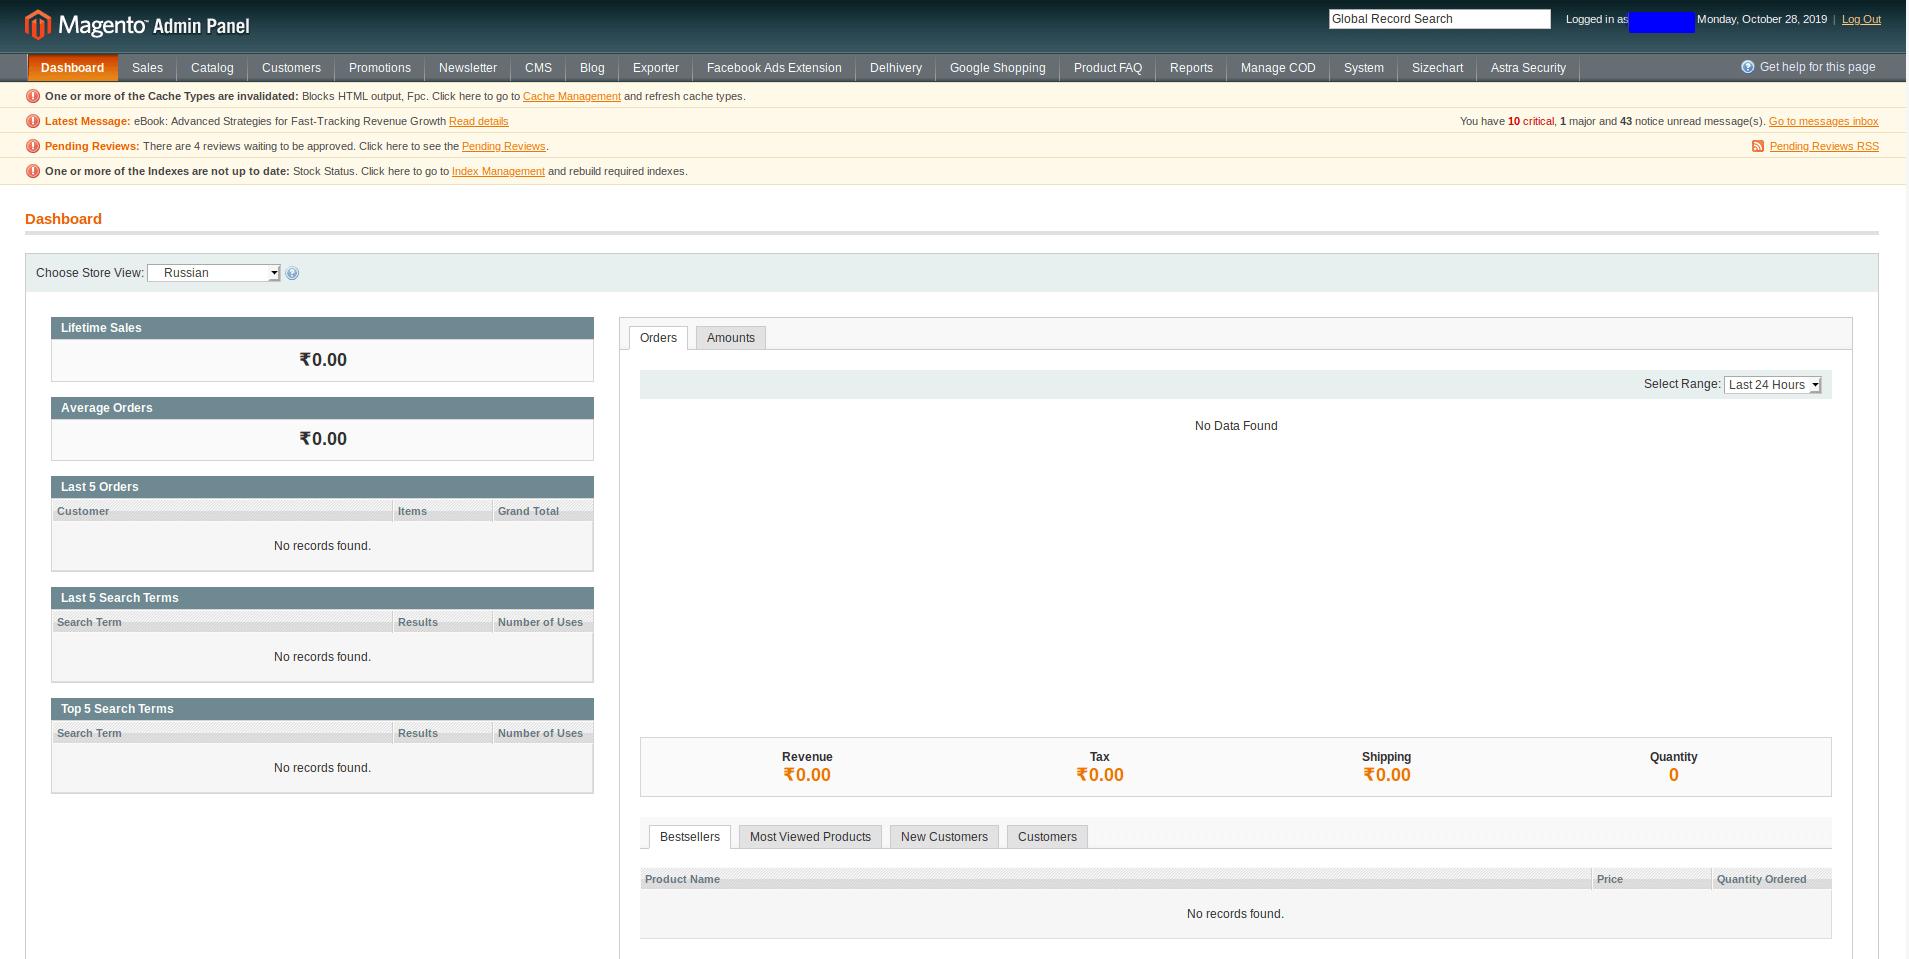 Magento 1 vs Magento 2 : Magento 1 Dashboard